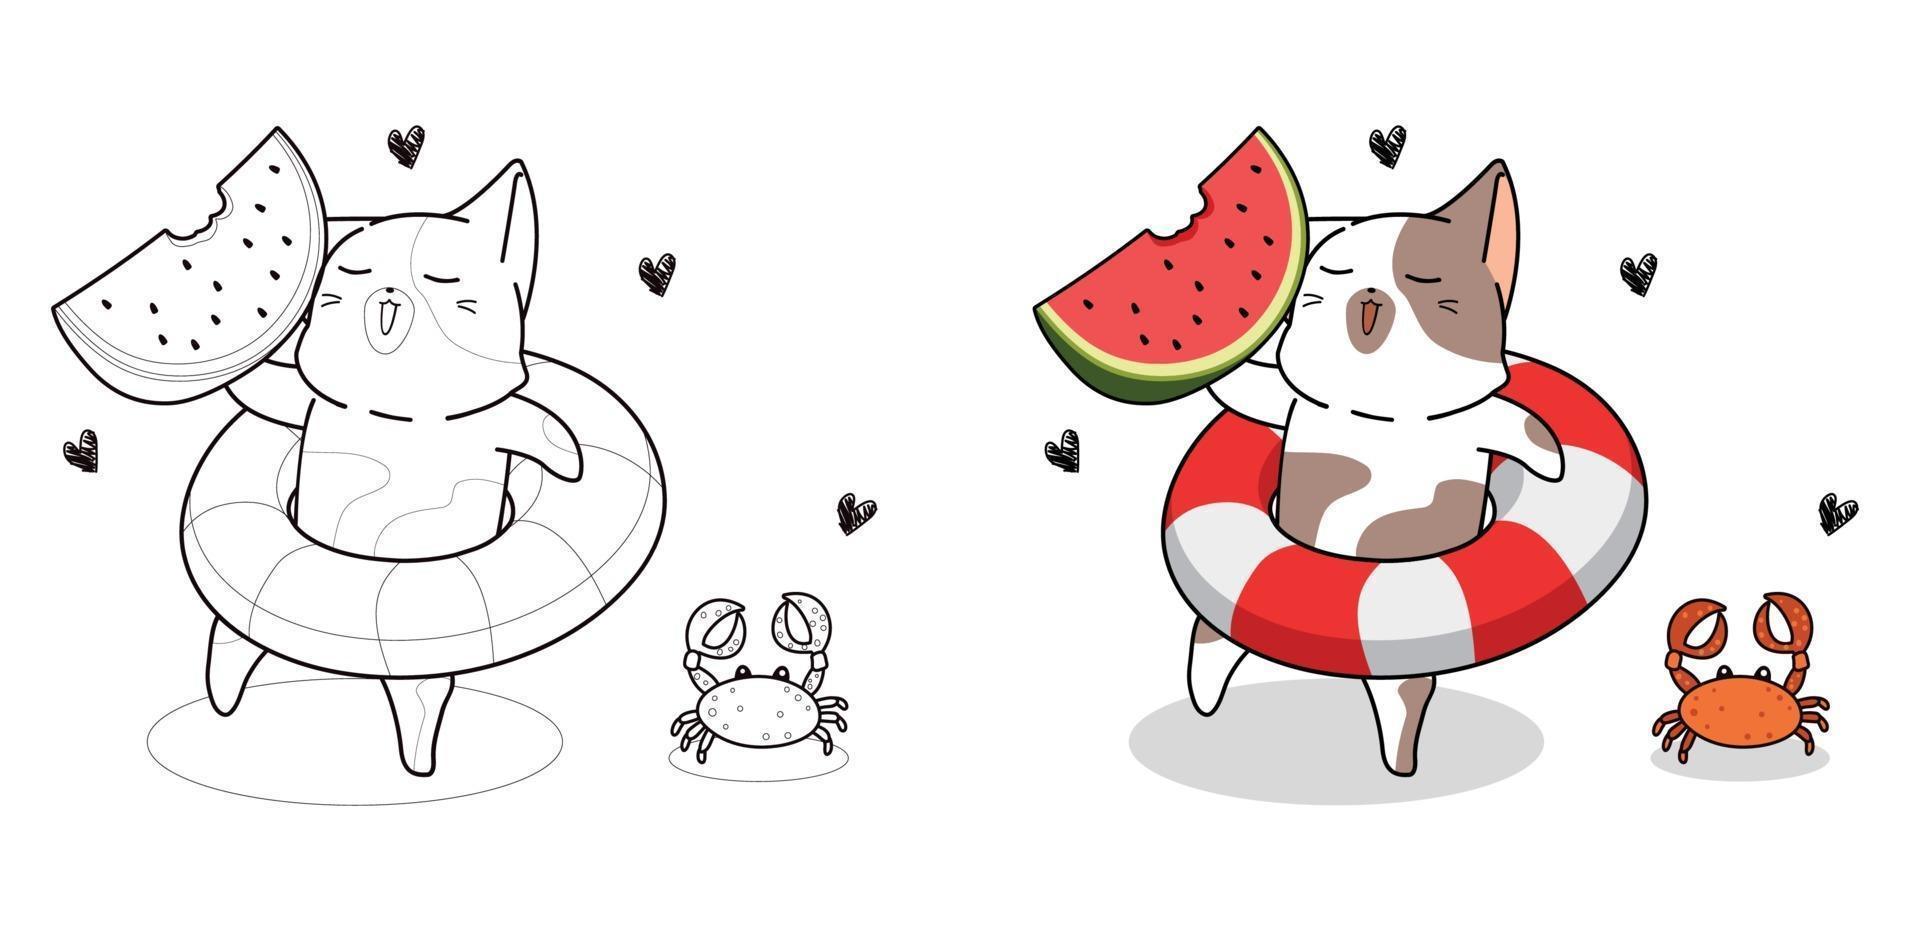 gato fofo de férias com desenho de anel de piscina para colorir vetor